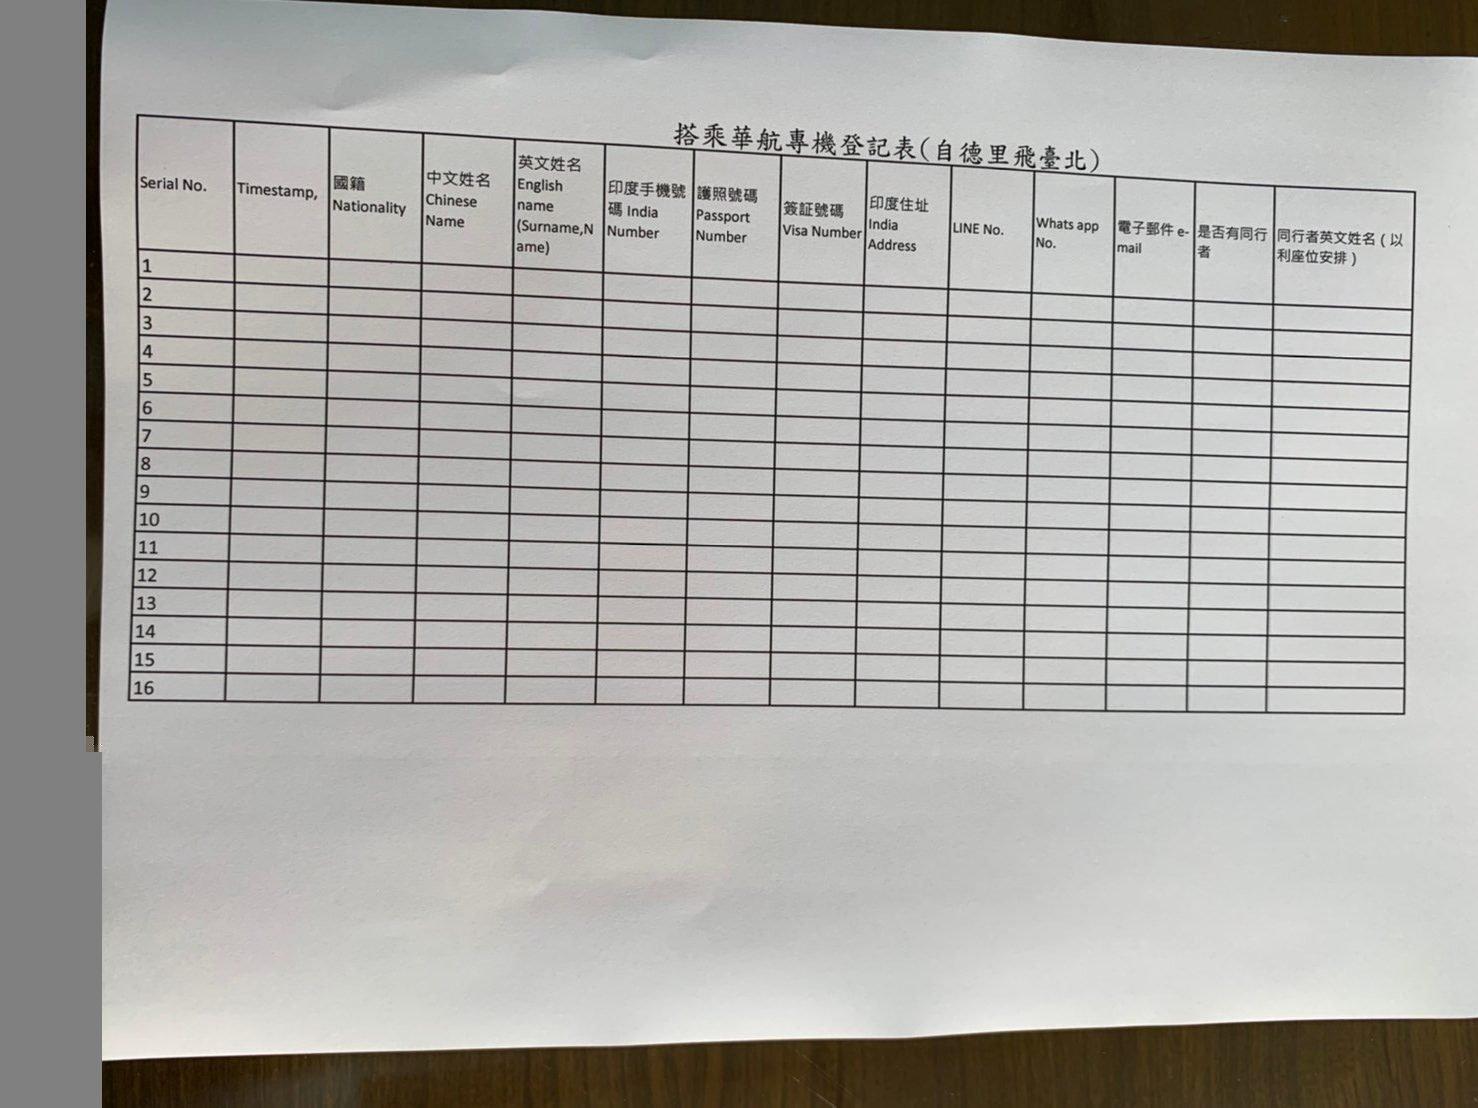 2021年1月華航台北-新德里包機人數統計中:12月4日截止!